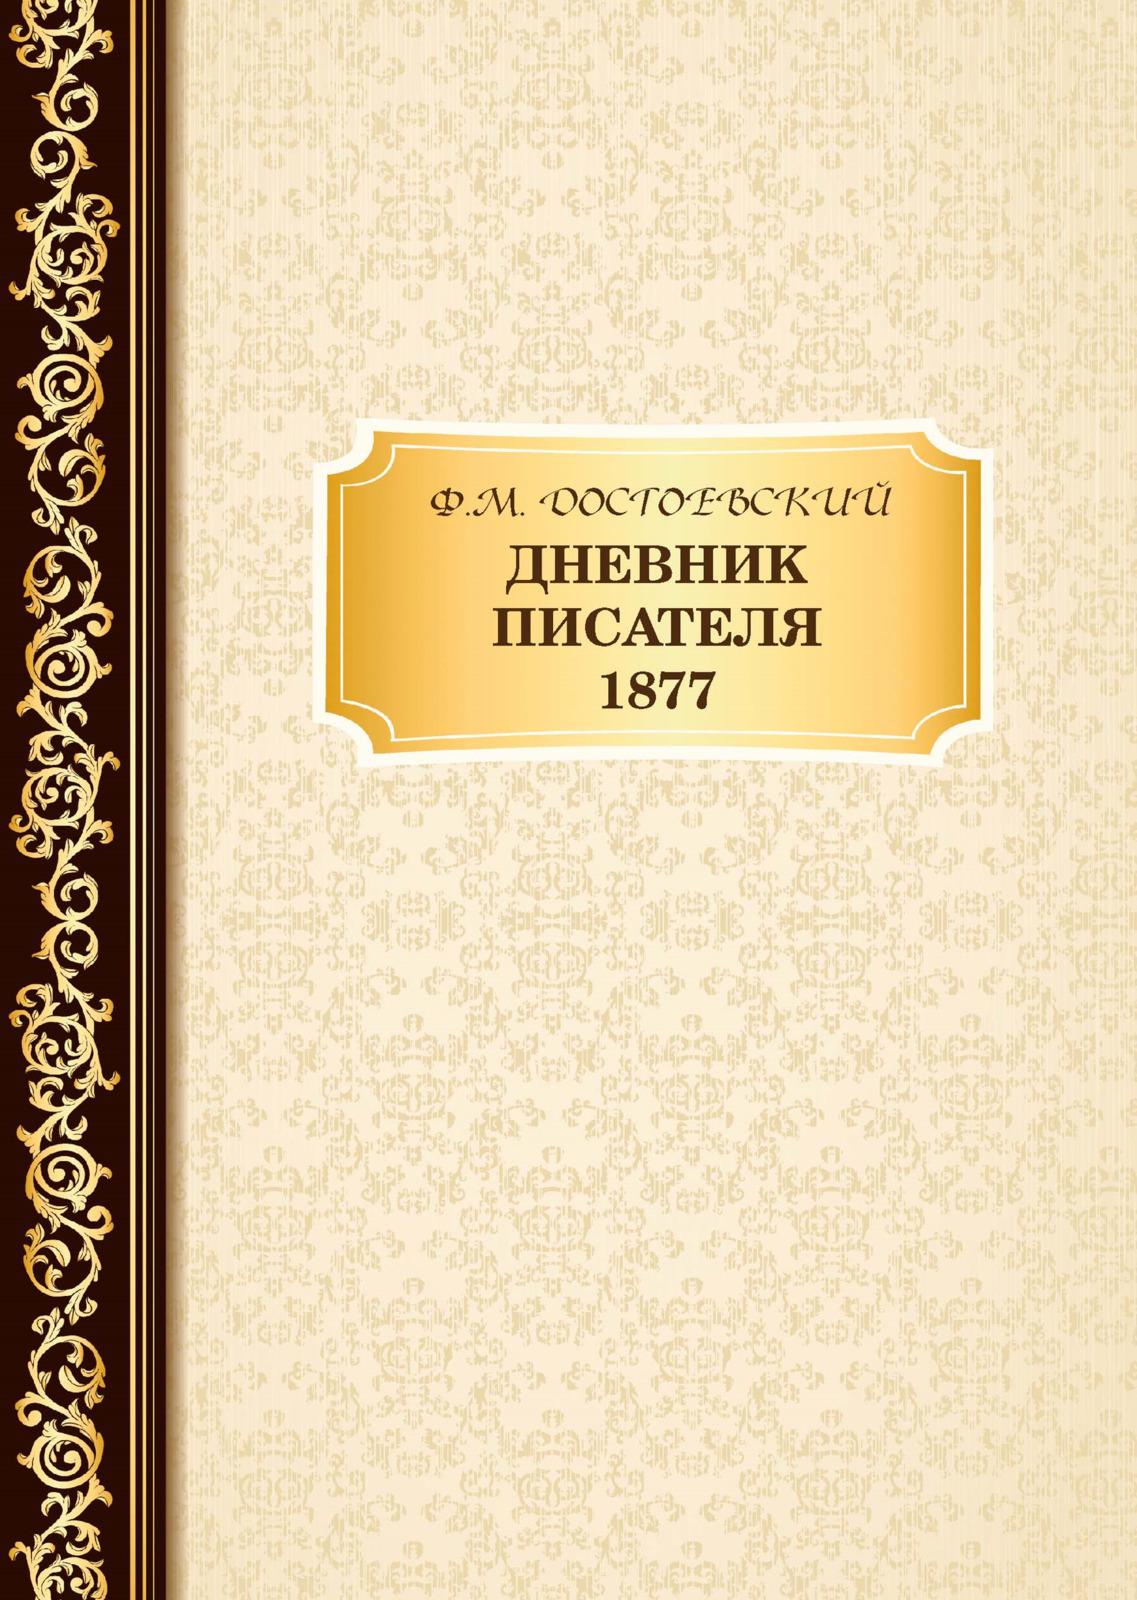 Ф. М. Достоевский Дневник Писателя. 1877